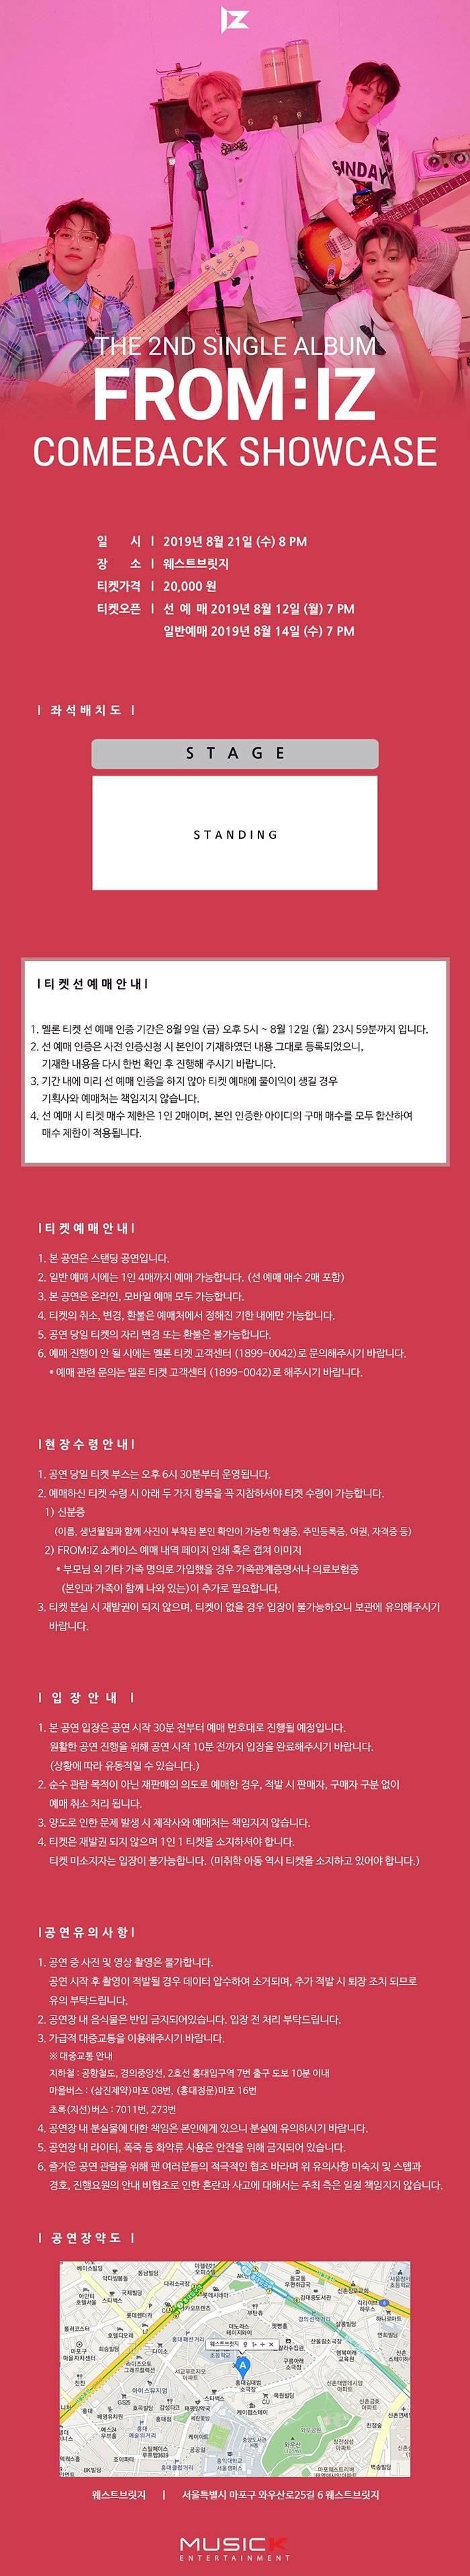 21일(수), 아이즈(IZ) 2집싱글 FROM:IZ 컴백 쇼케이스 | 인스티즈